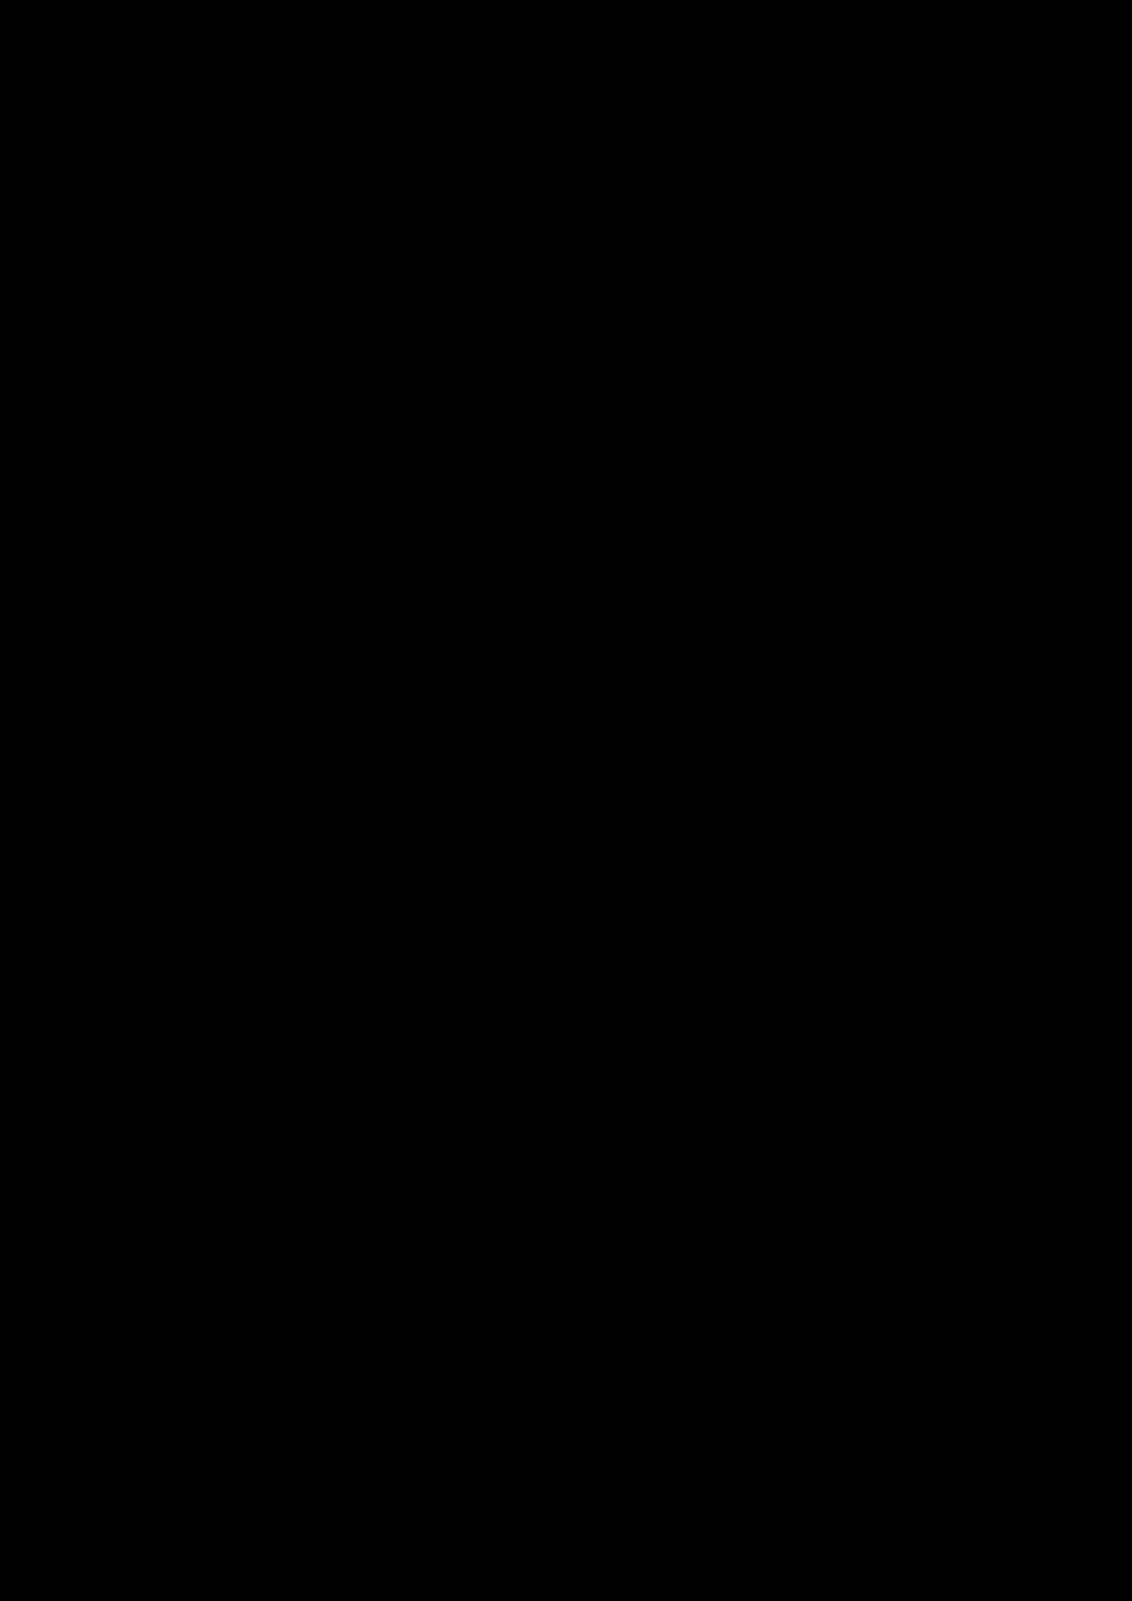 Zagadka volshebnoy stranyi slide, Image 190